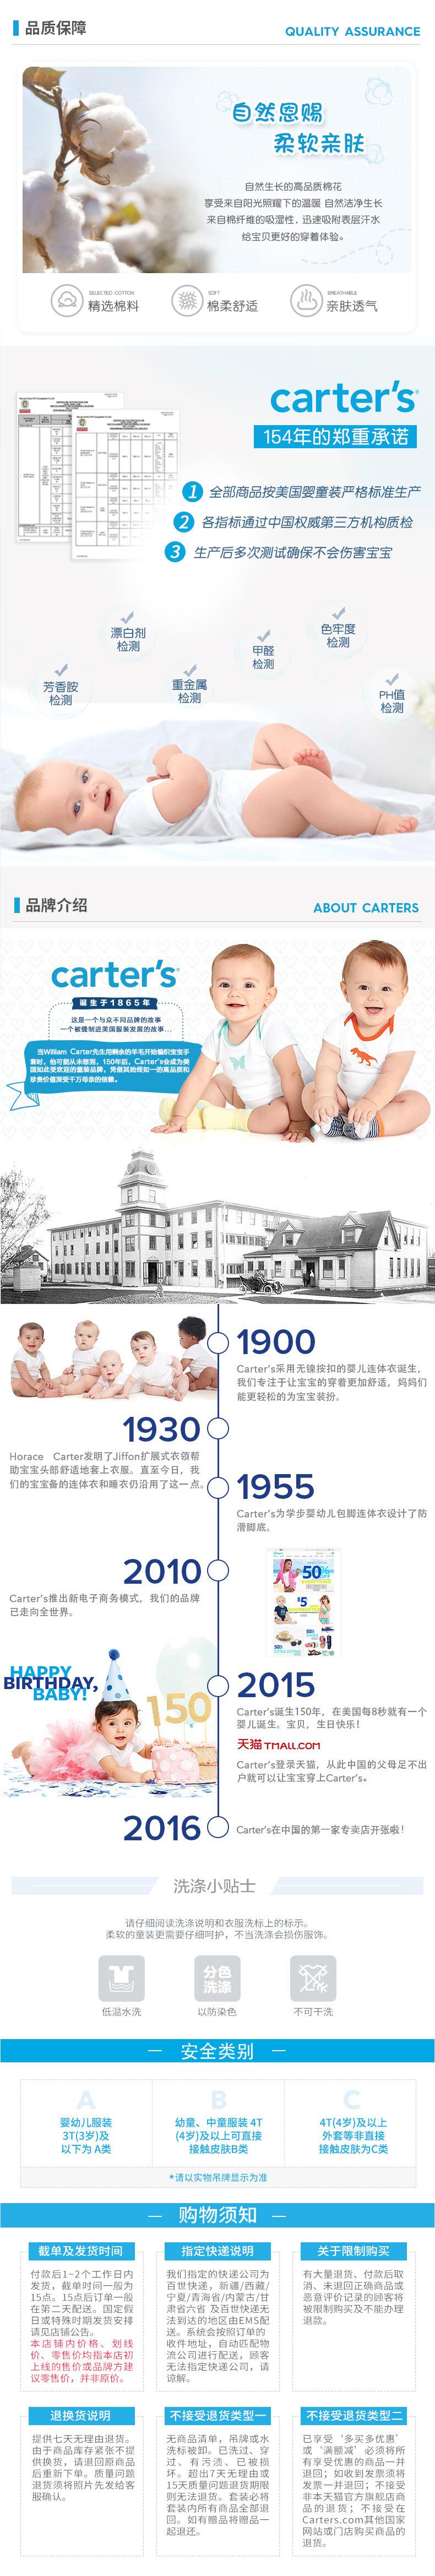 美国 卡特 Carters A类标准 全按扣式开合 婴儿连体包脚爬行服 睡衣 图11